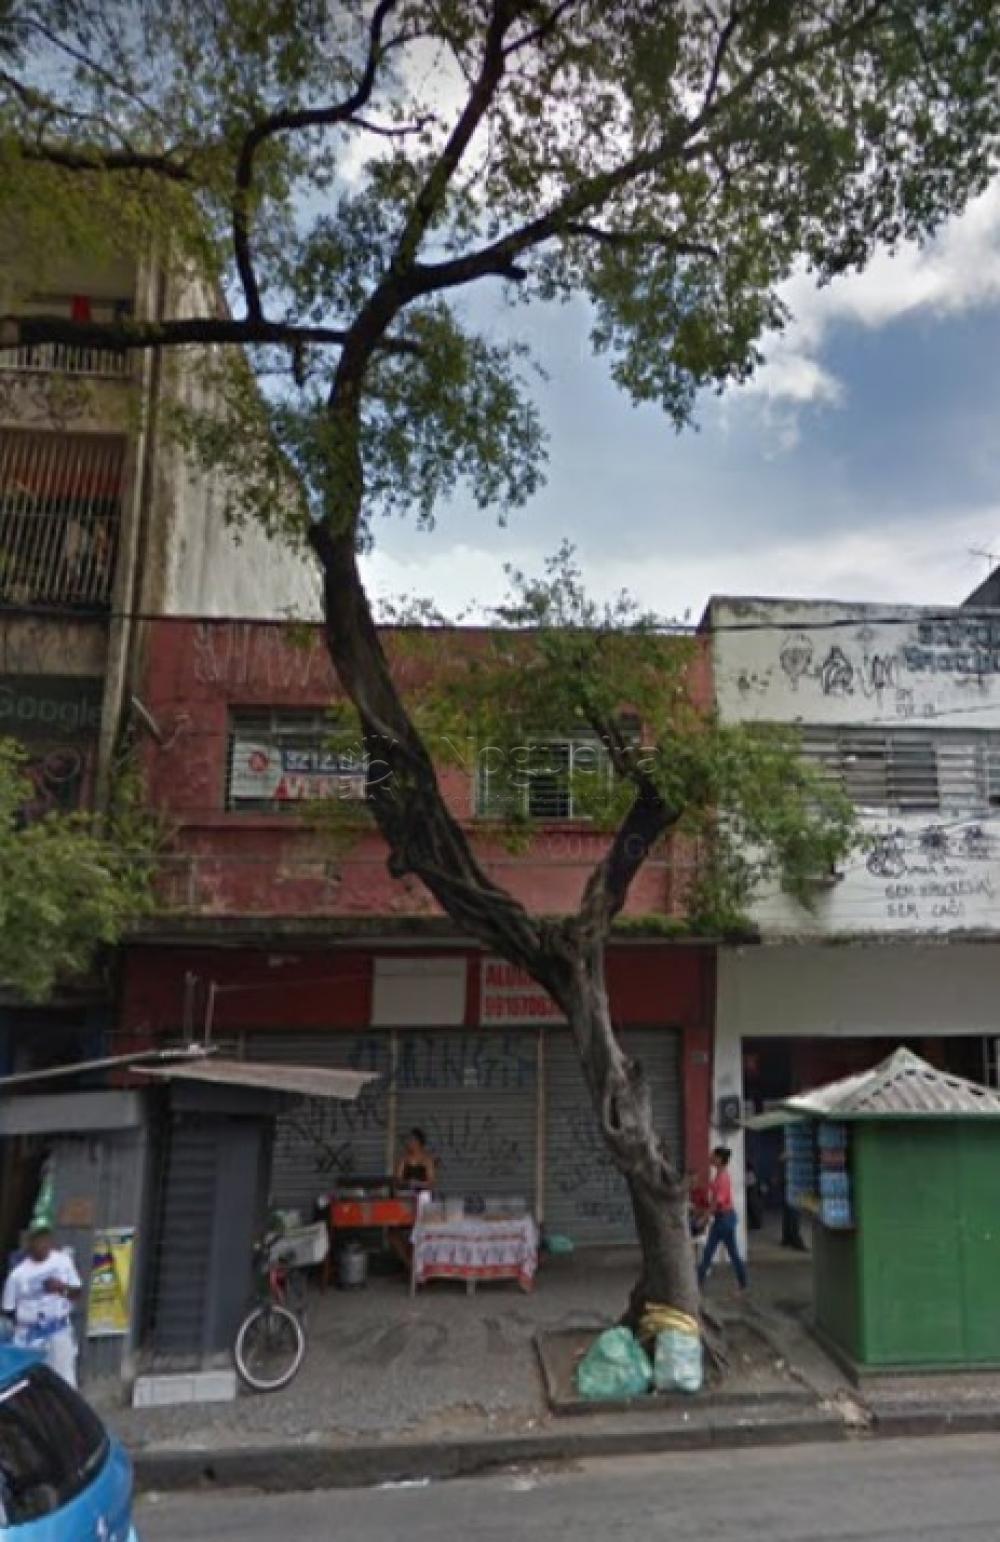 Excelente ponto comercial com dois pavimentos na principal rua do bairro de Santo Amaro, ideal para vários tipos de comércios, especialmente lojas e supermercados.